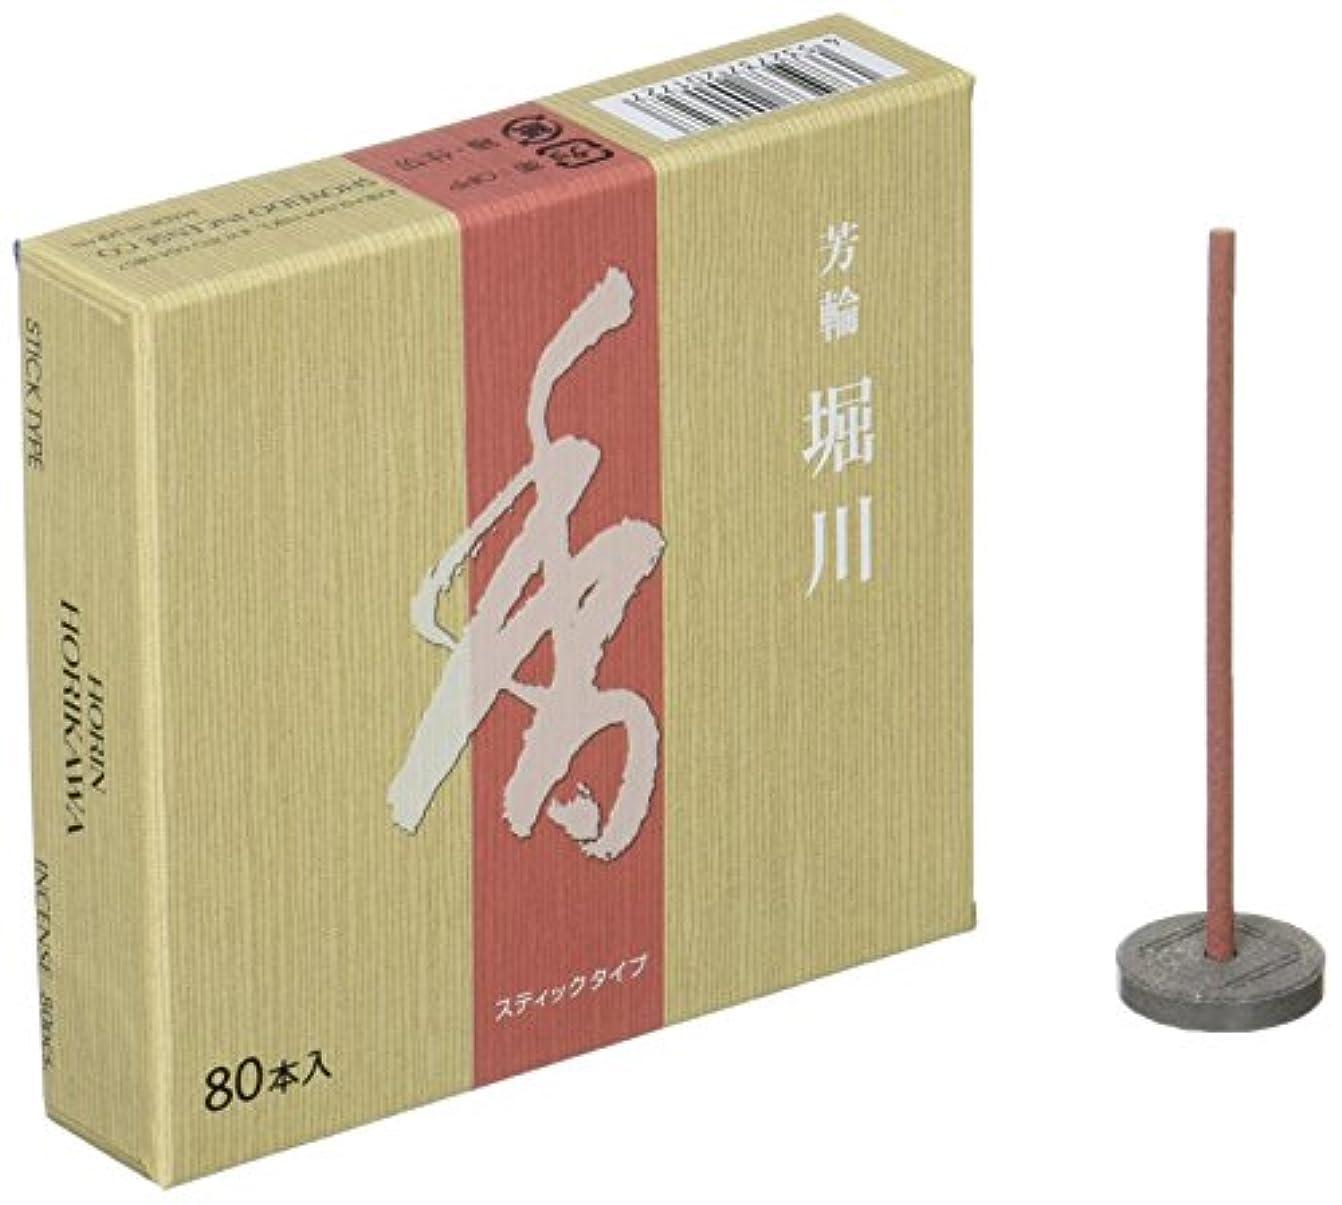 コンチネンタルクスコパパ松栄堂 芳輪 堀川 スティック型 80本入